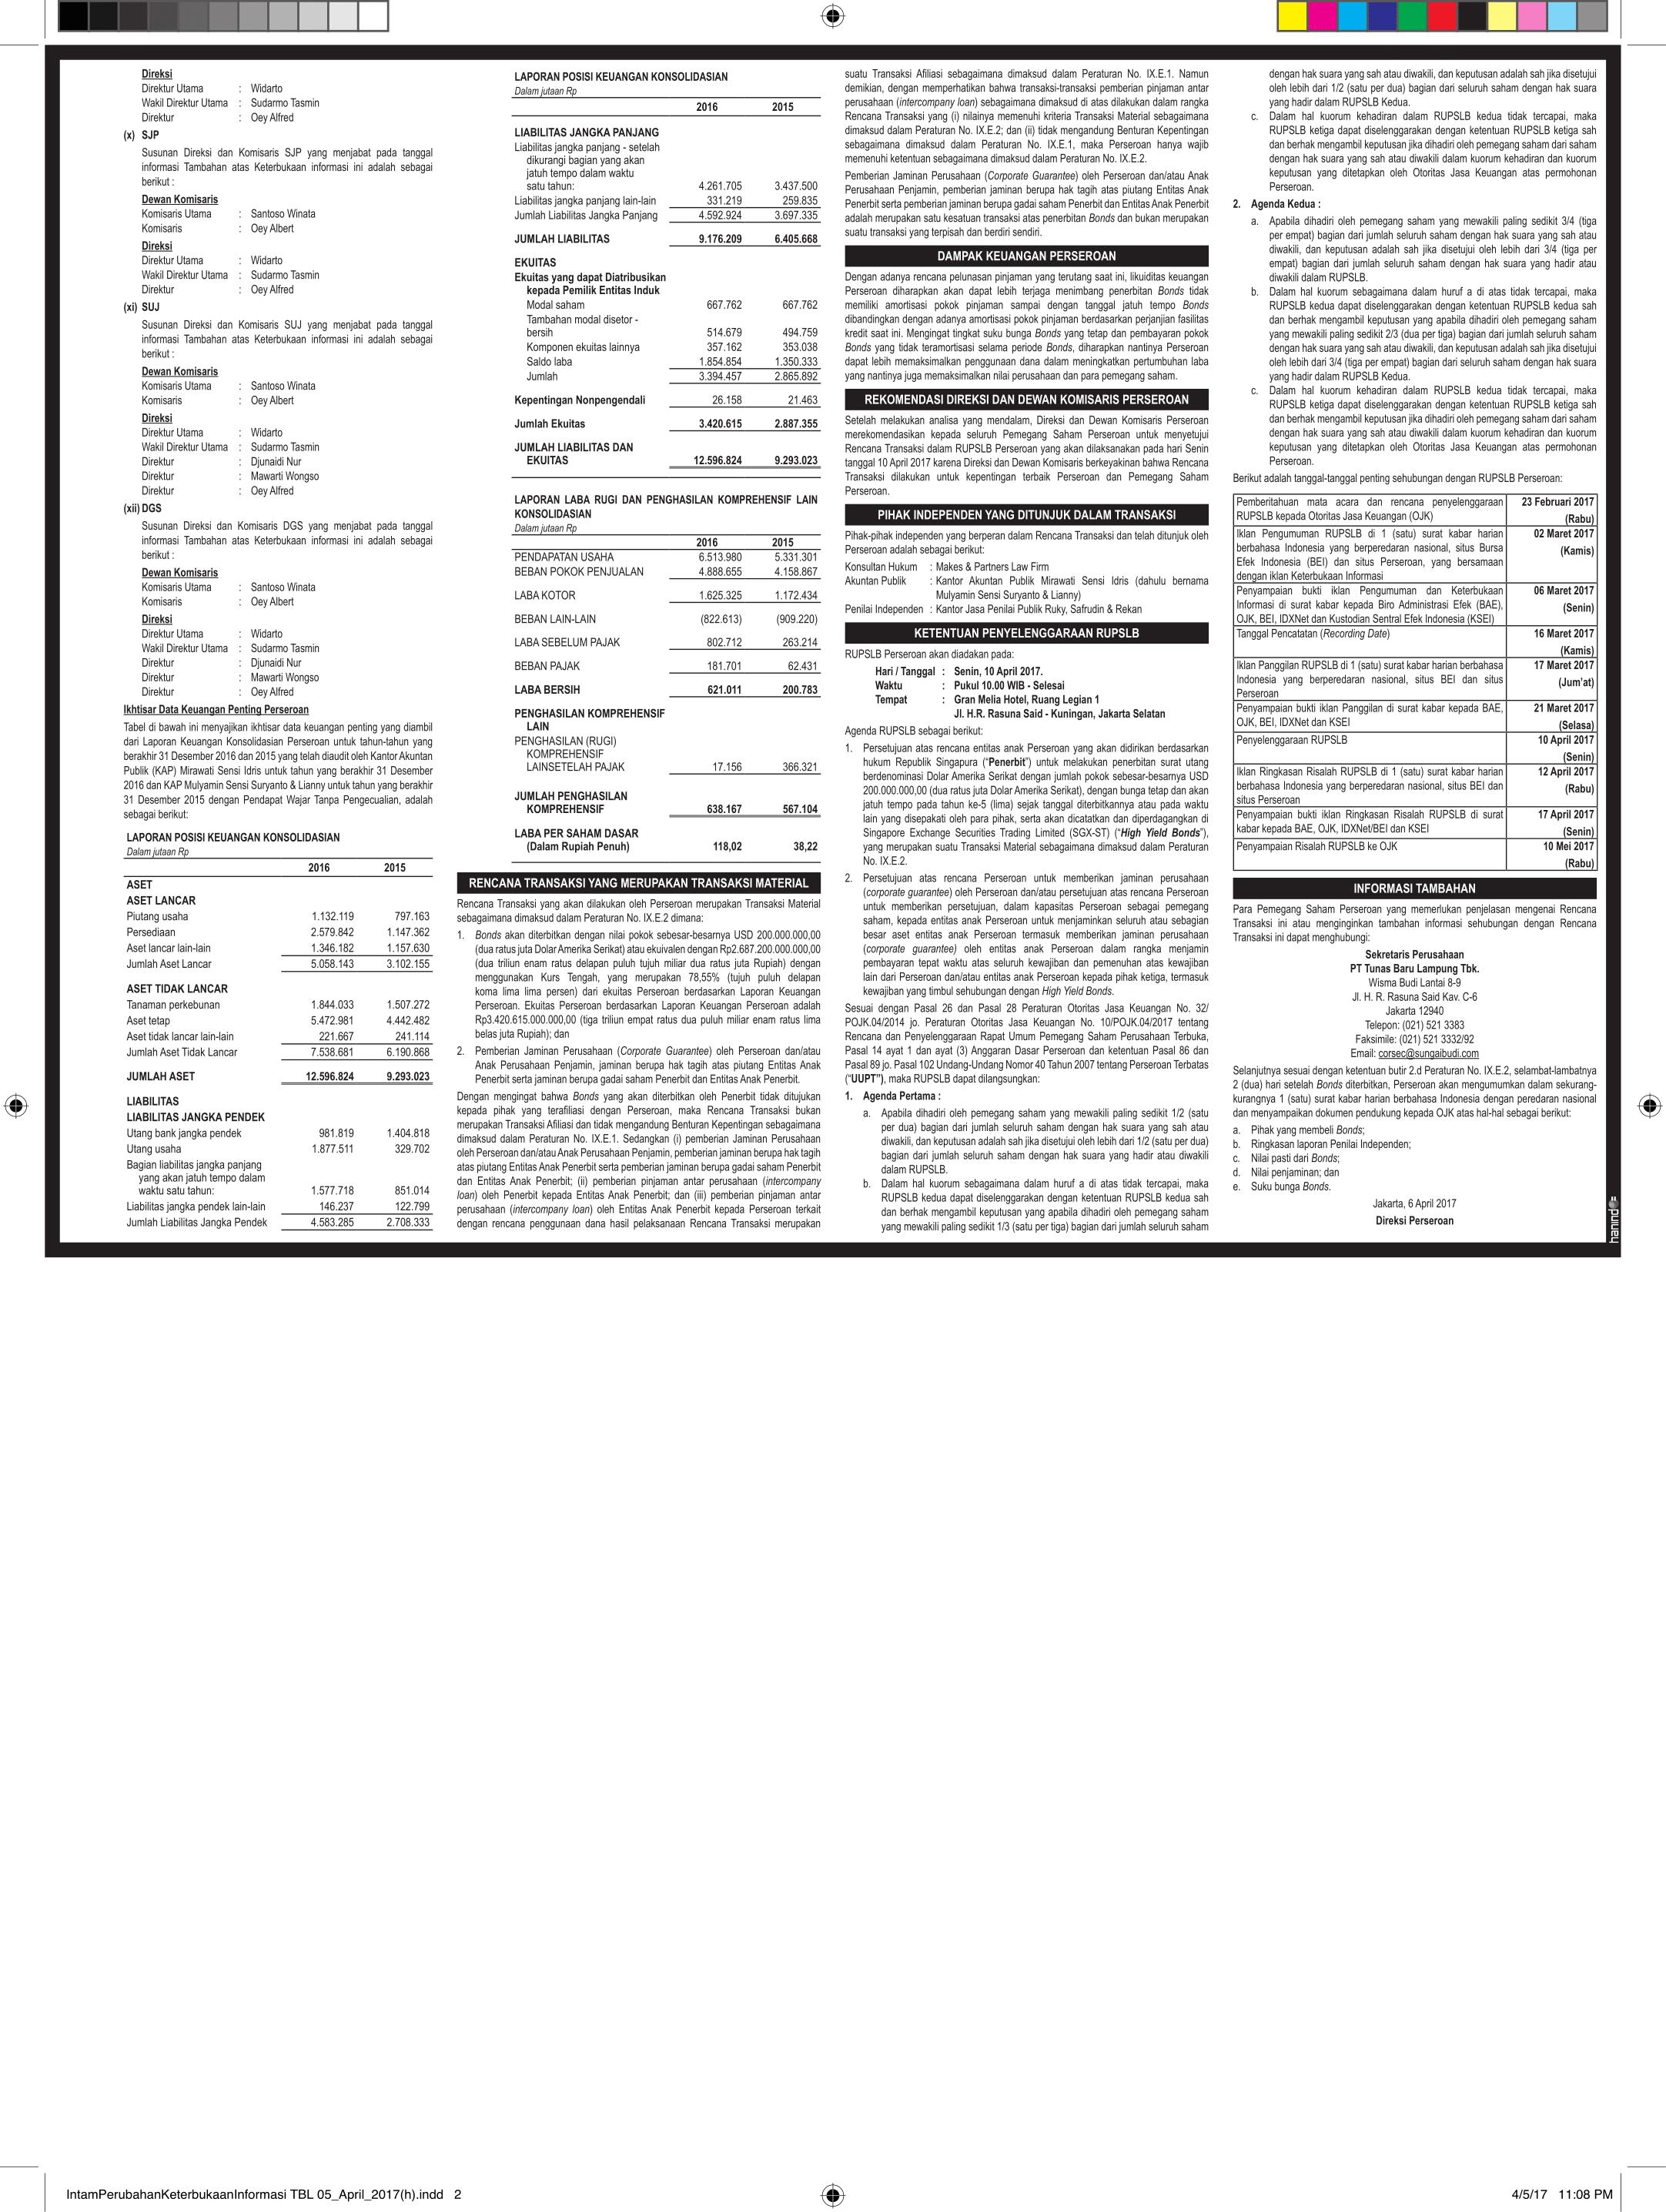 IntamPerubahanKeterbukaanInformasi TBL 05_April_2017(h) ok-2